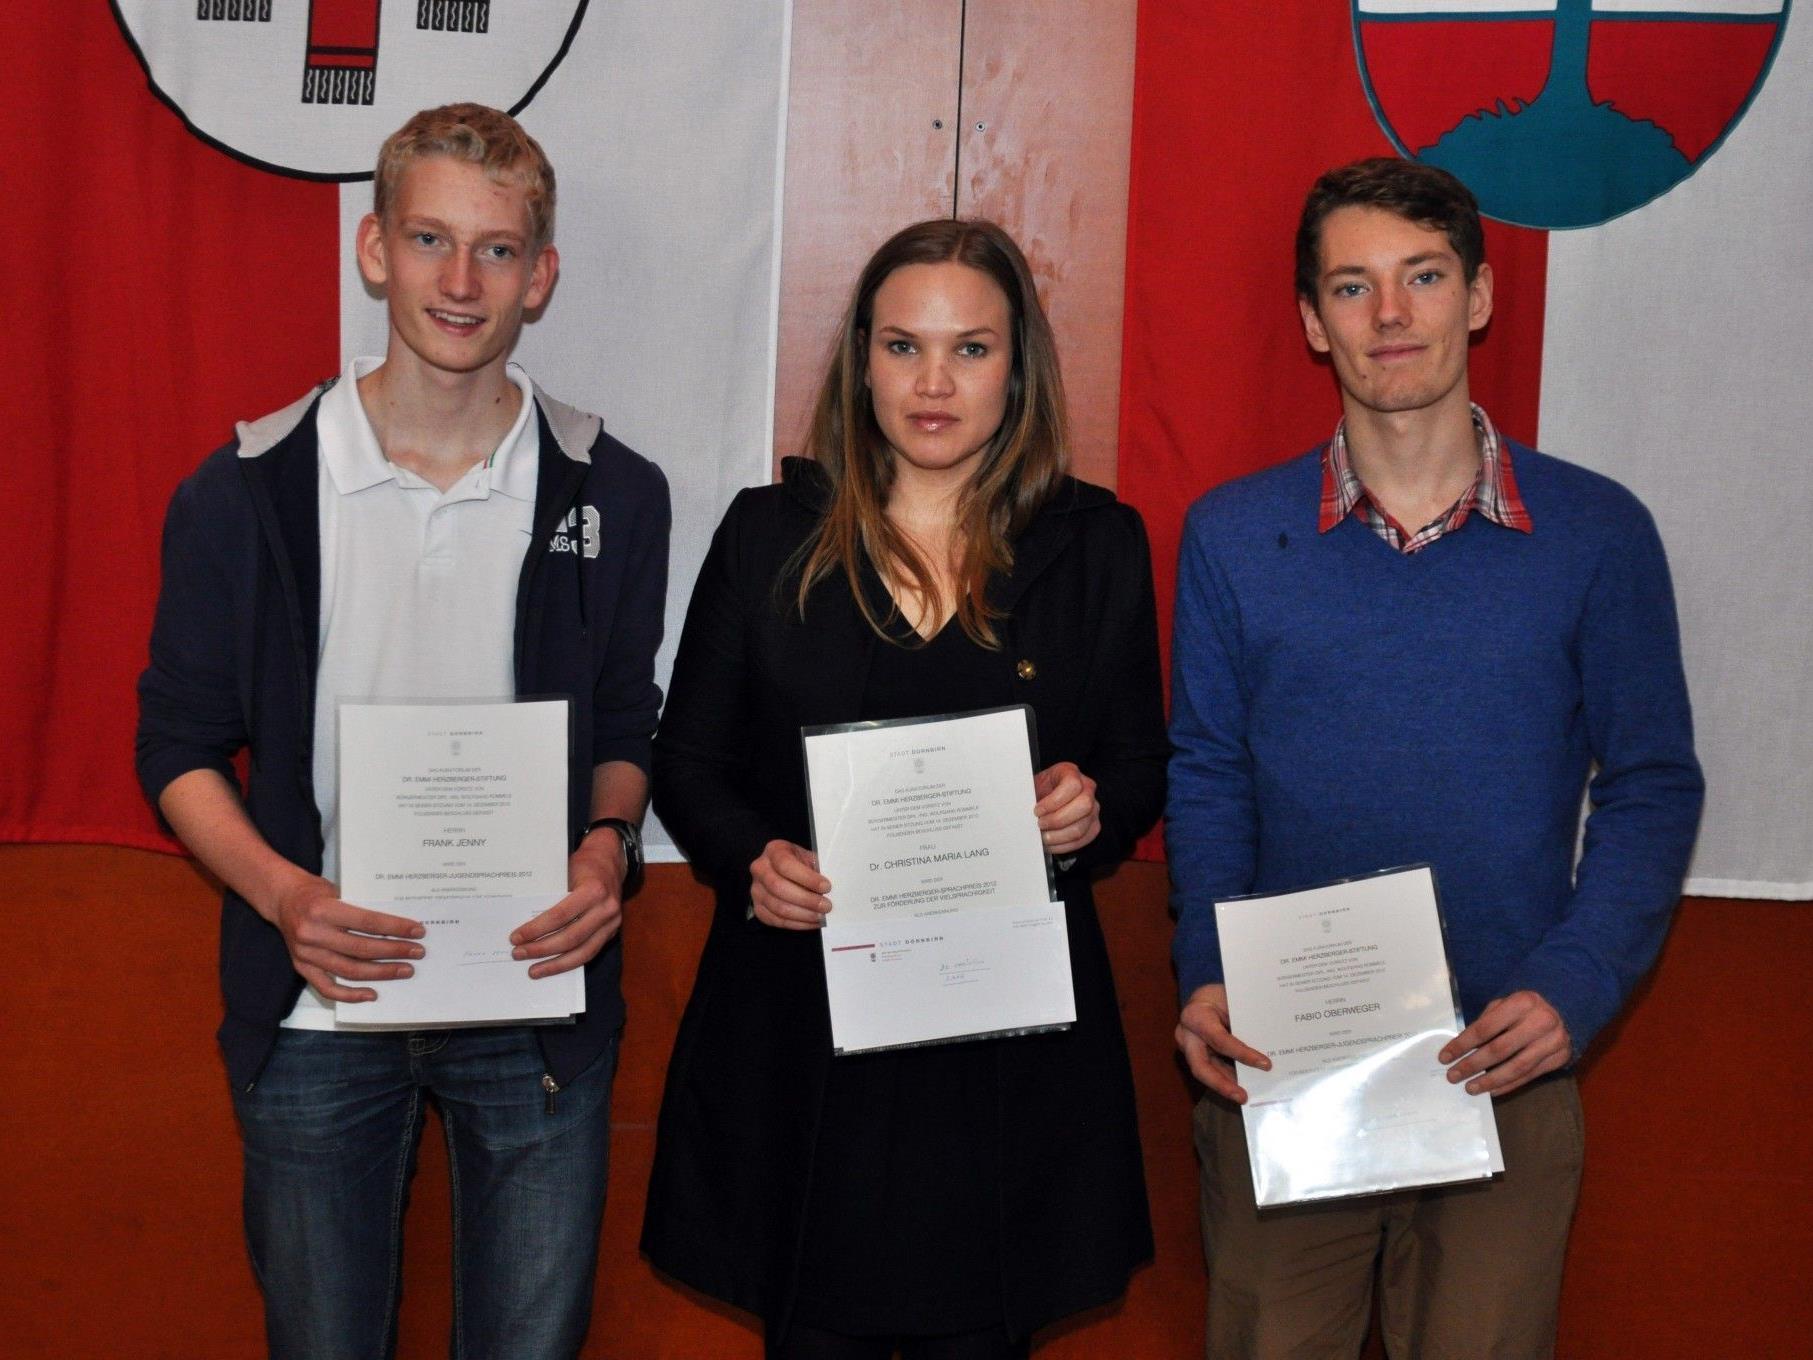 Die diesjährigen Gewinner des Dr Emmi-Herzberger-Sprachpreises Frank Jenny, Christina Maria Lang und Fabio Oberweger.